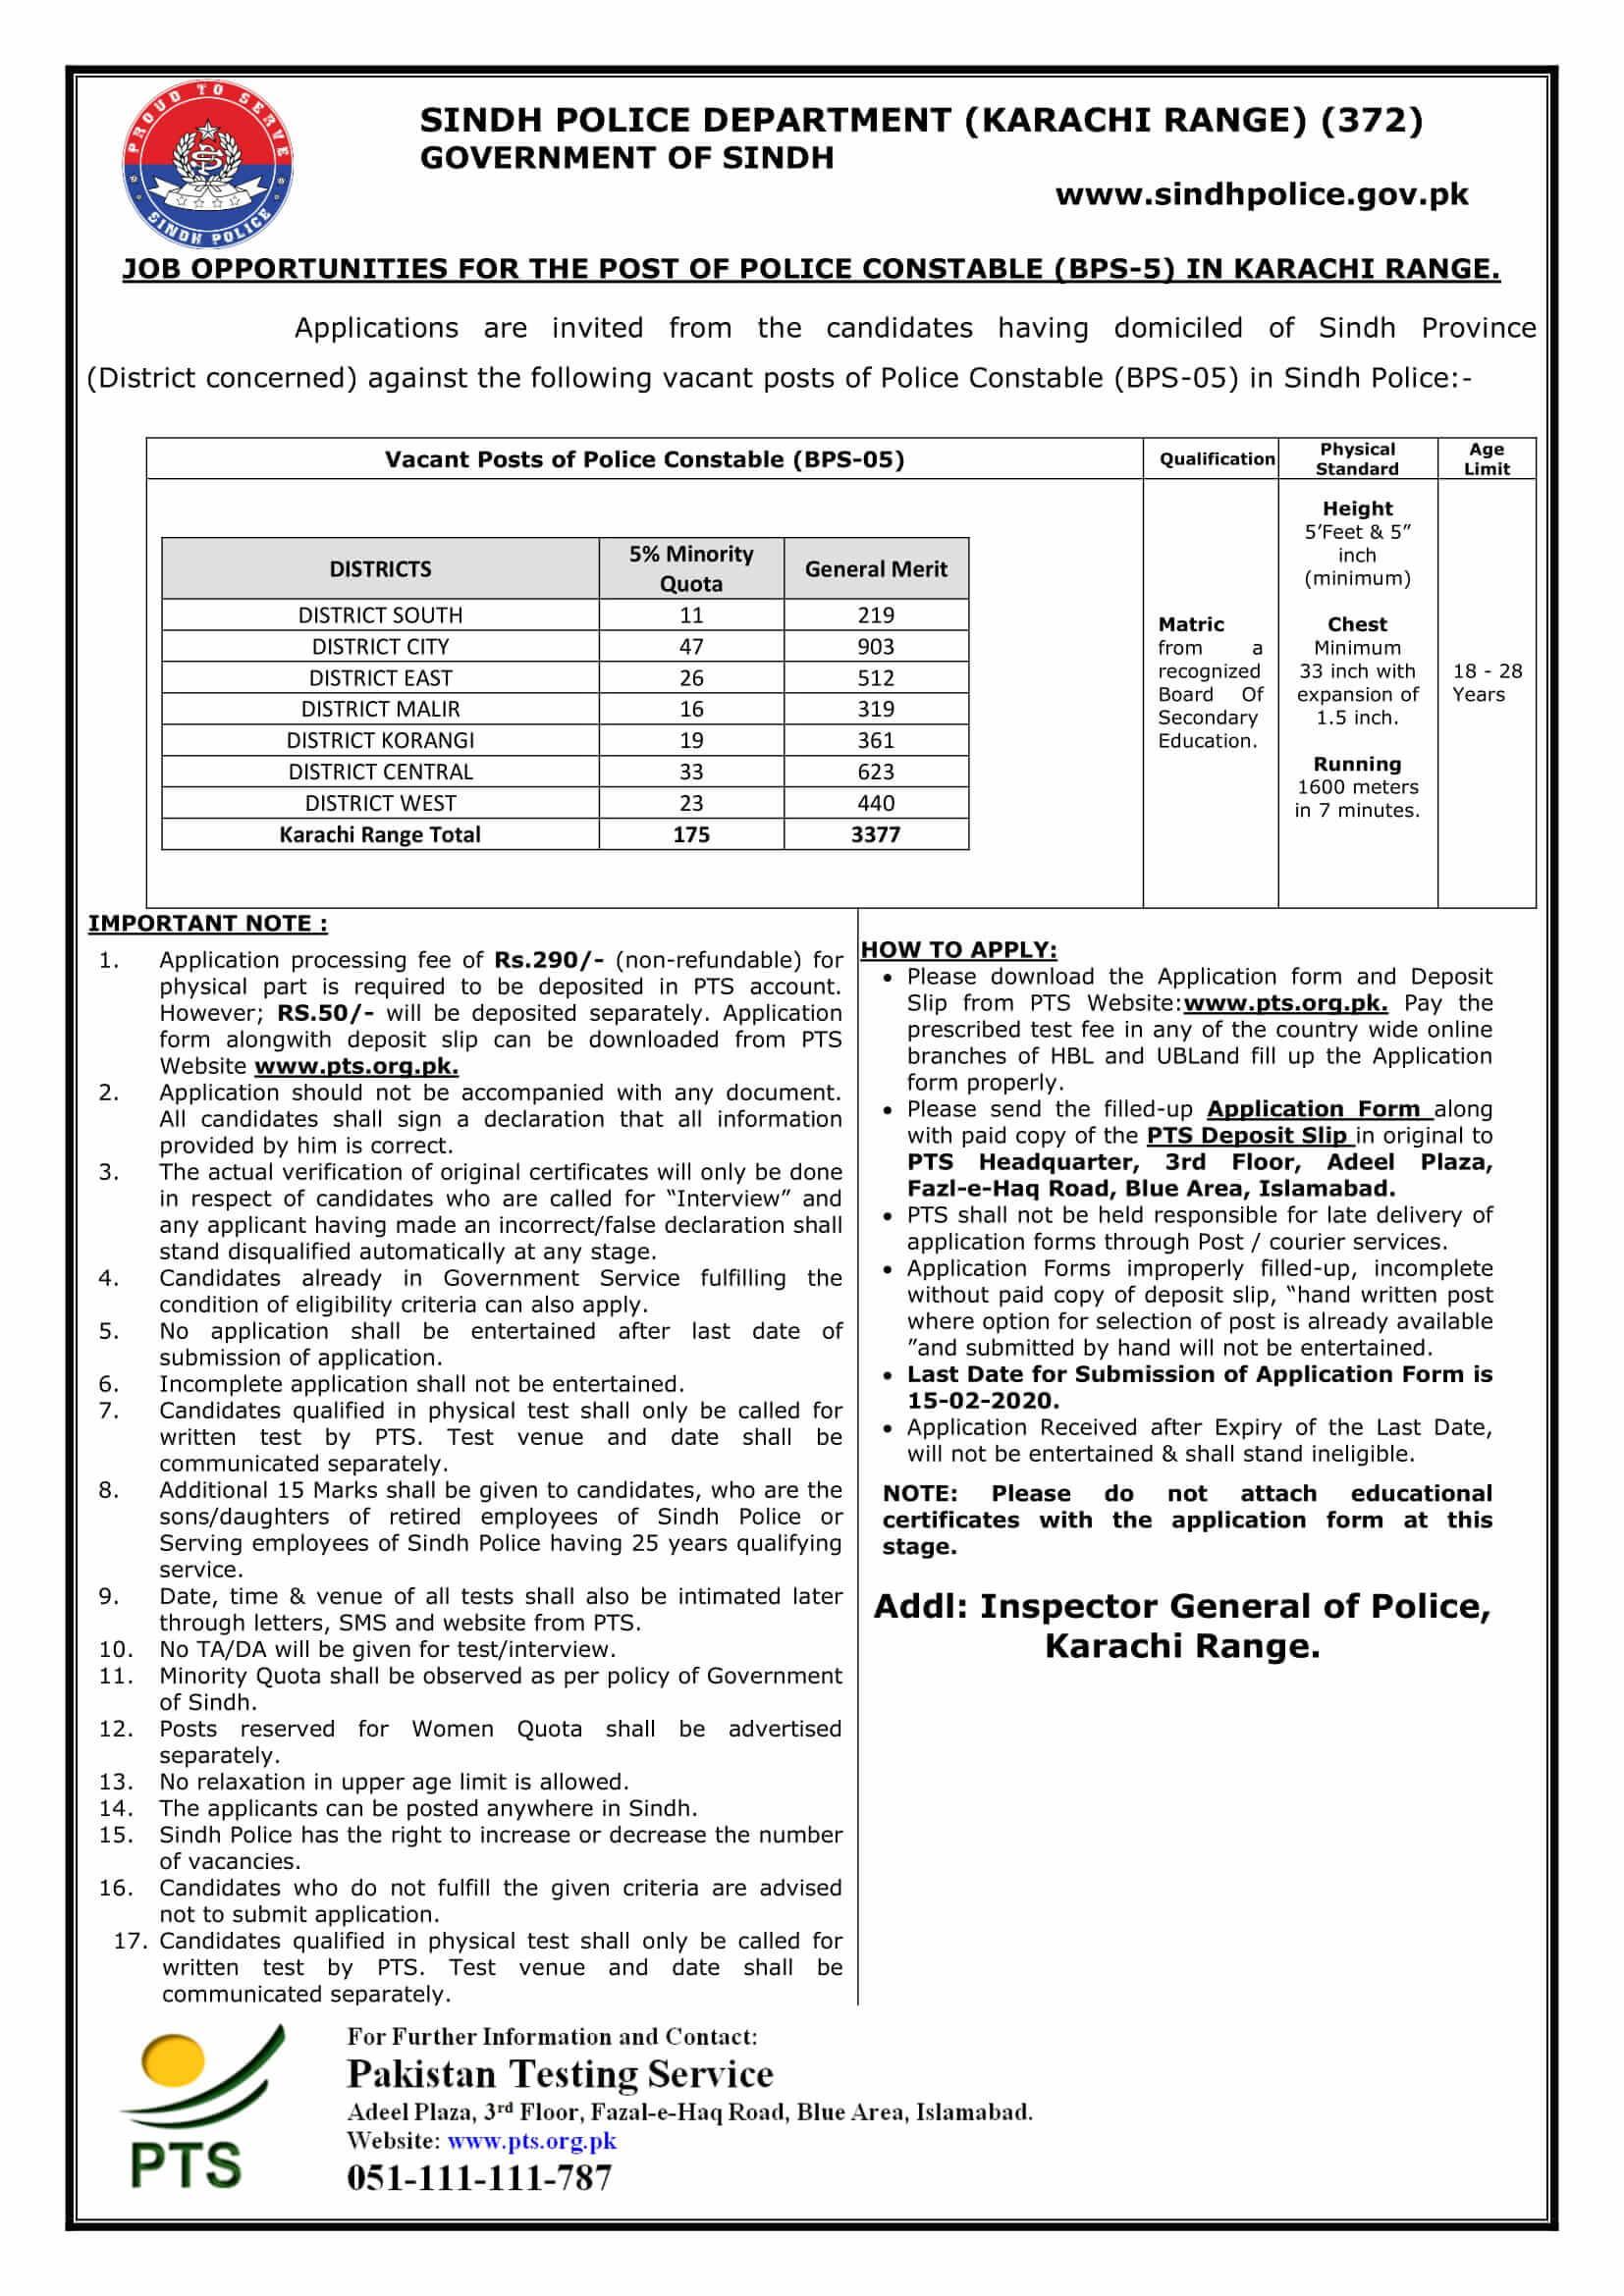 sindh police jobs 2020 karachi for police constables